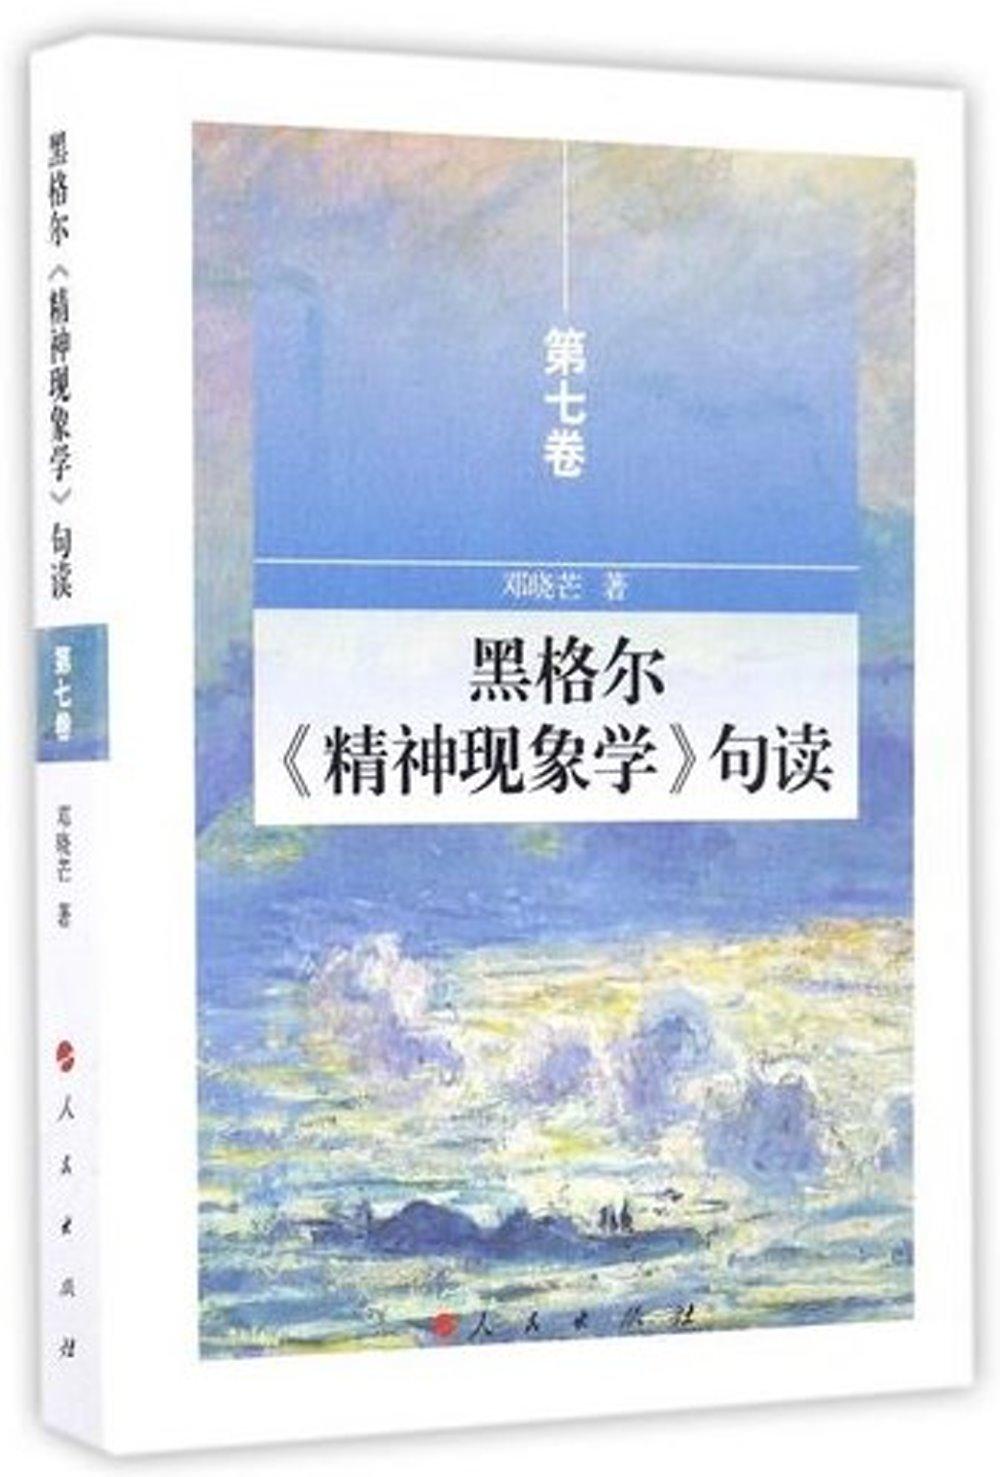 黑格爾~精神現象學~句讀 第七卷